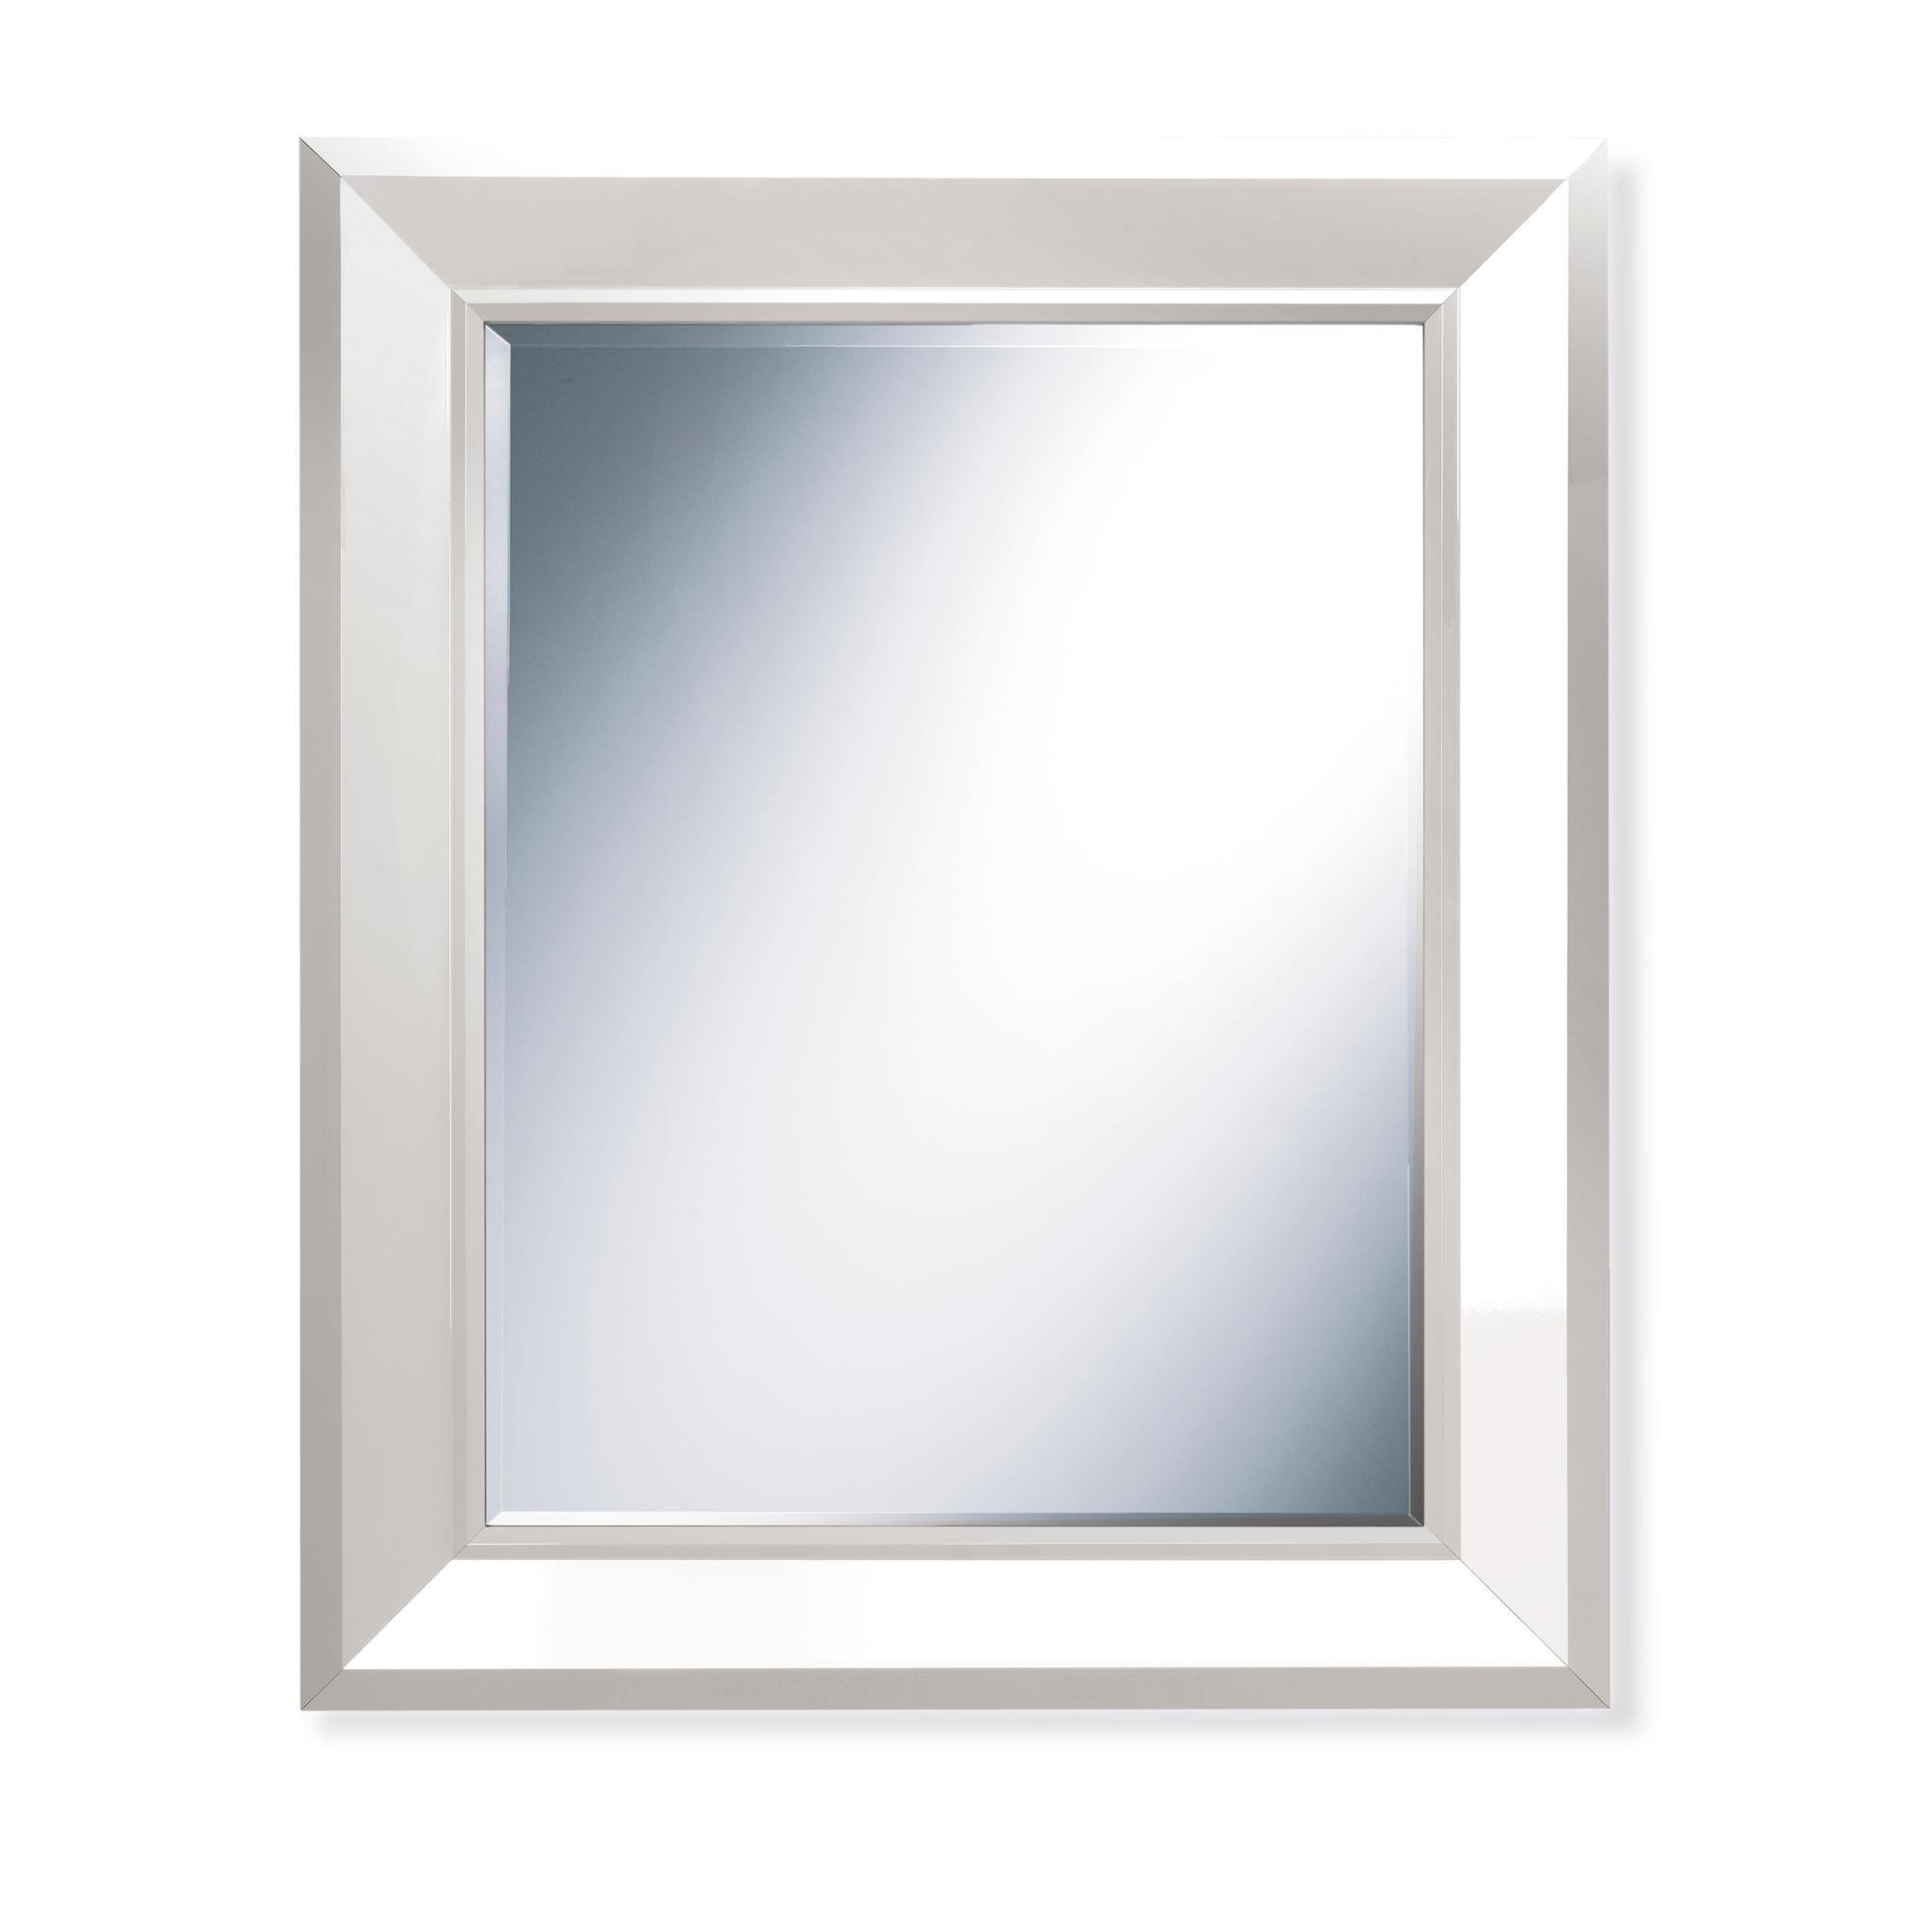 Specchiera rettangolare da parete in legno massello FLAT 85x102 ...